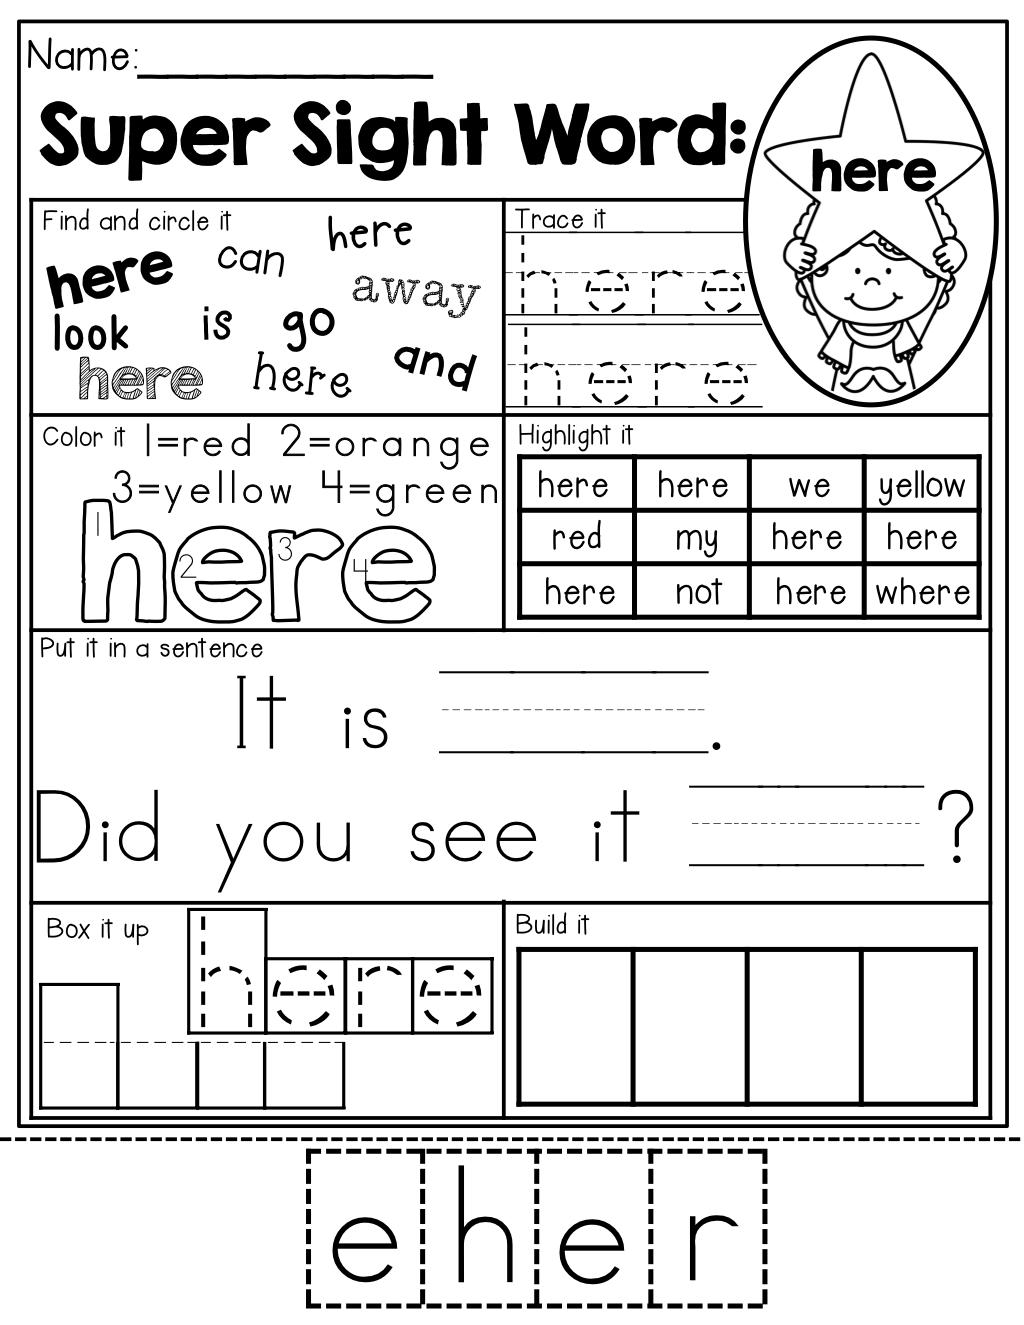 Sight Word Practice 7 Different Ways To Practice Each Sight Word An Effective Way To Prac Sight Words Kindergarten Teaching Sight Words Sight Word Practice [ 1325 x 1024 Pixel ]